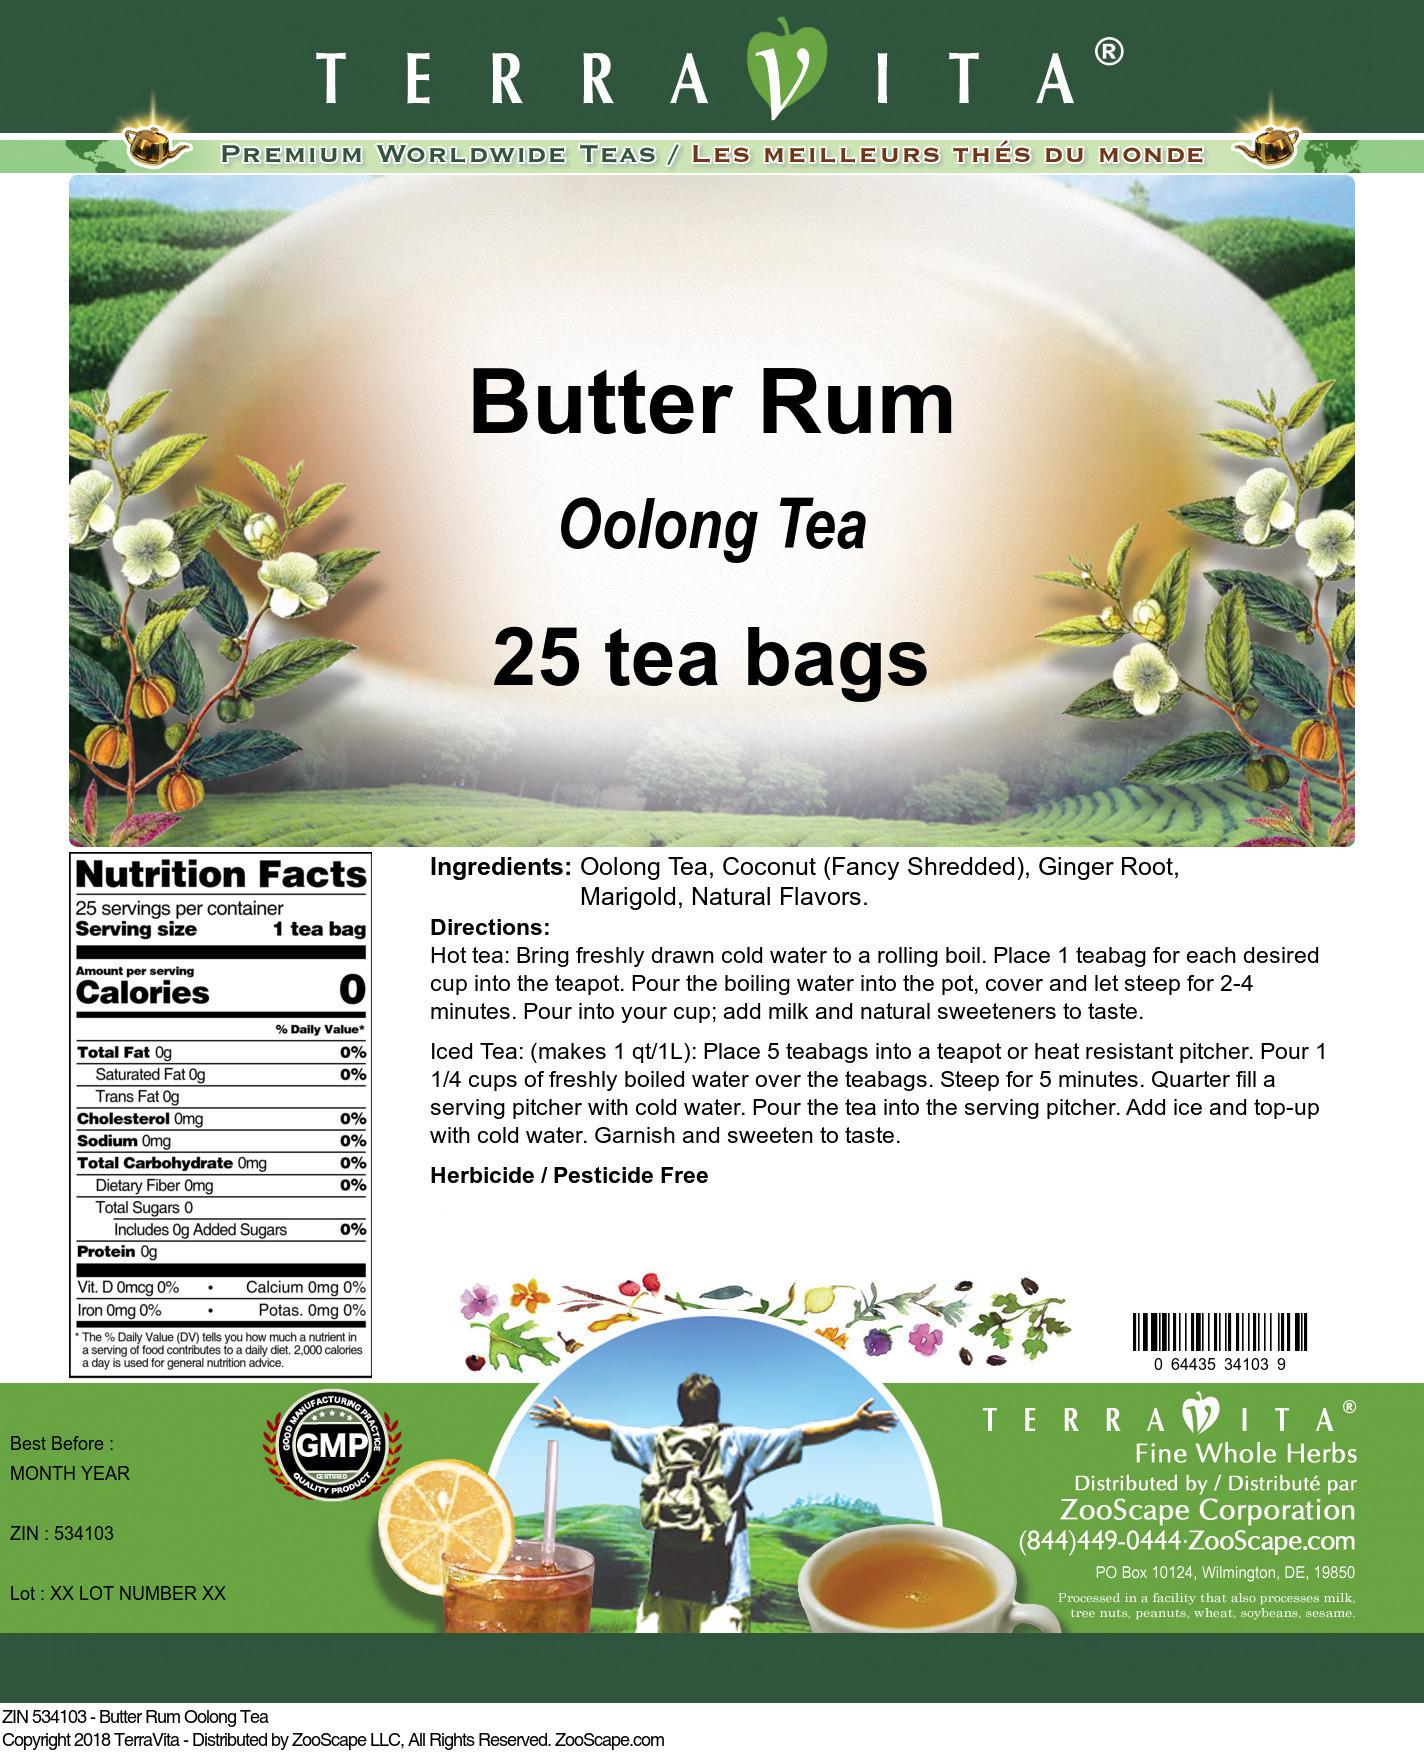 Butter Rum Oolong Tea